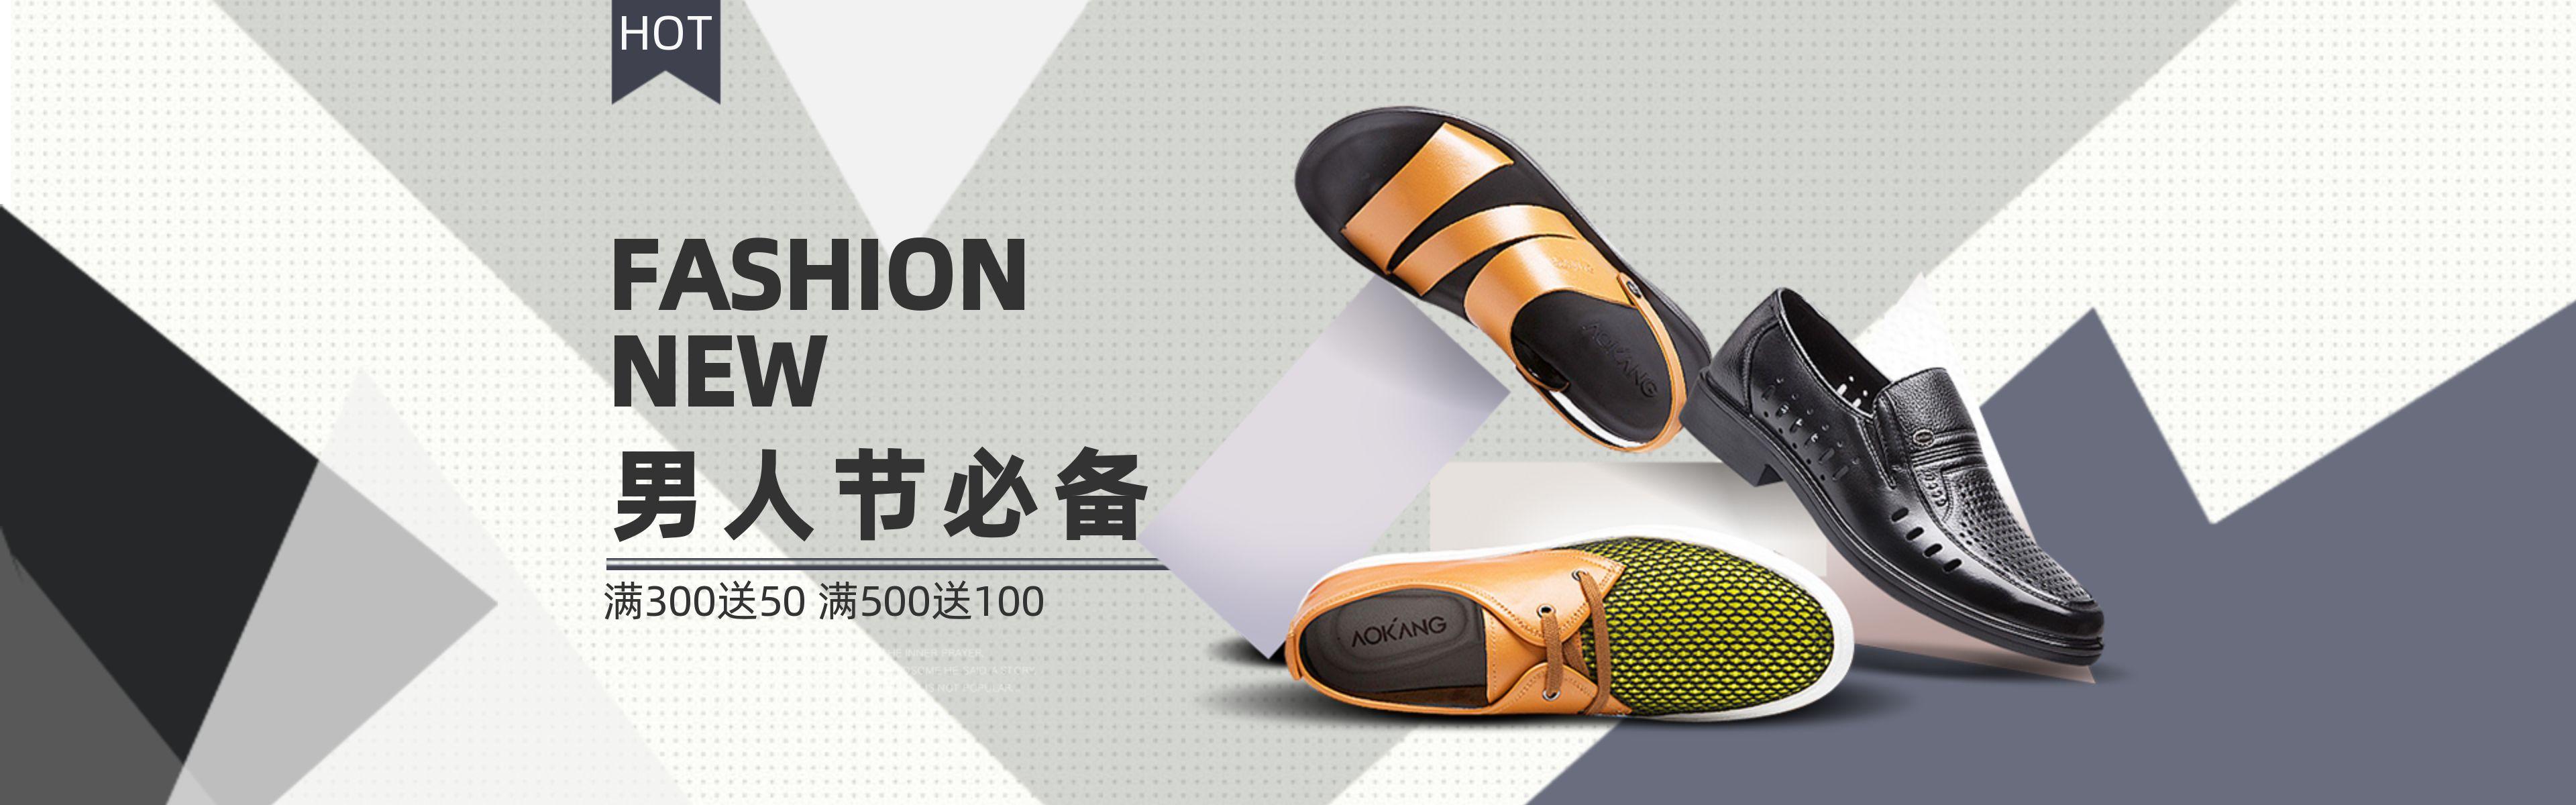 春节扁平化电商鞋类产品促销宣传店铺banner